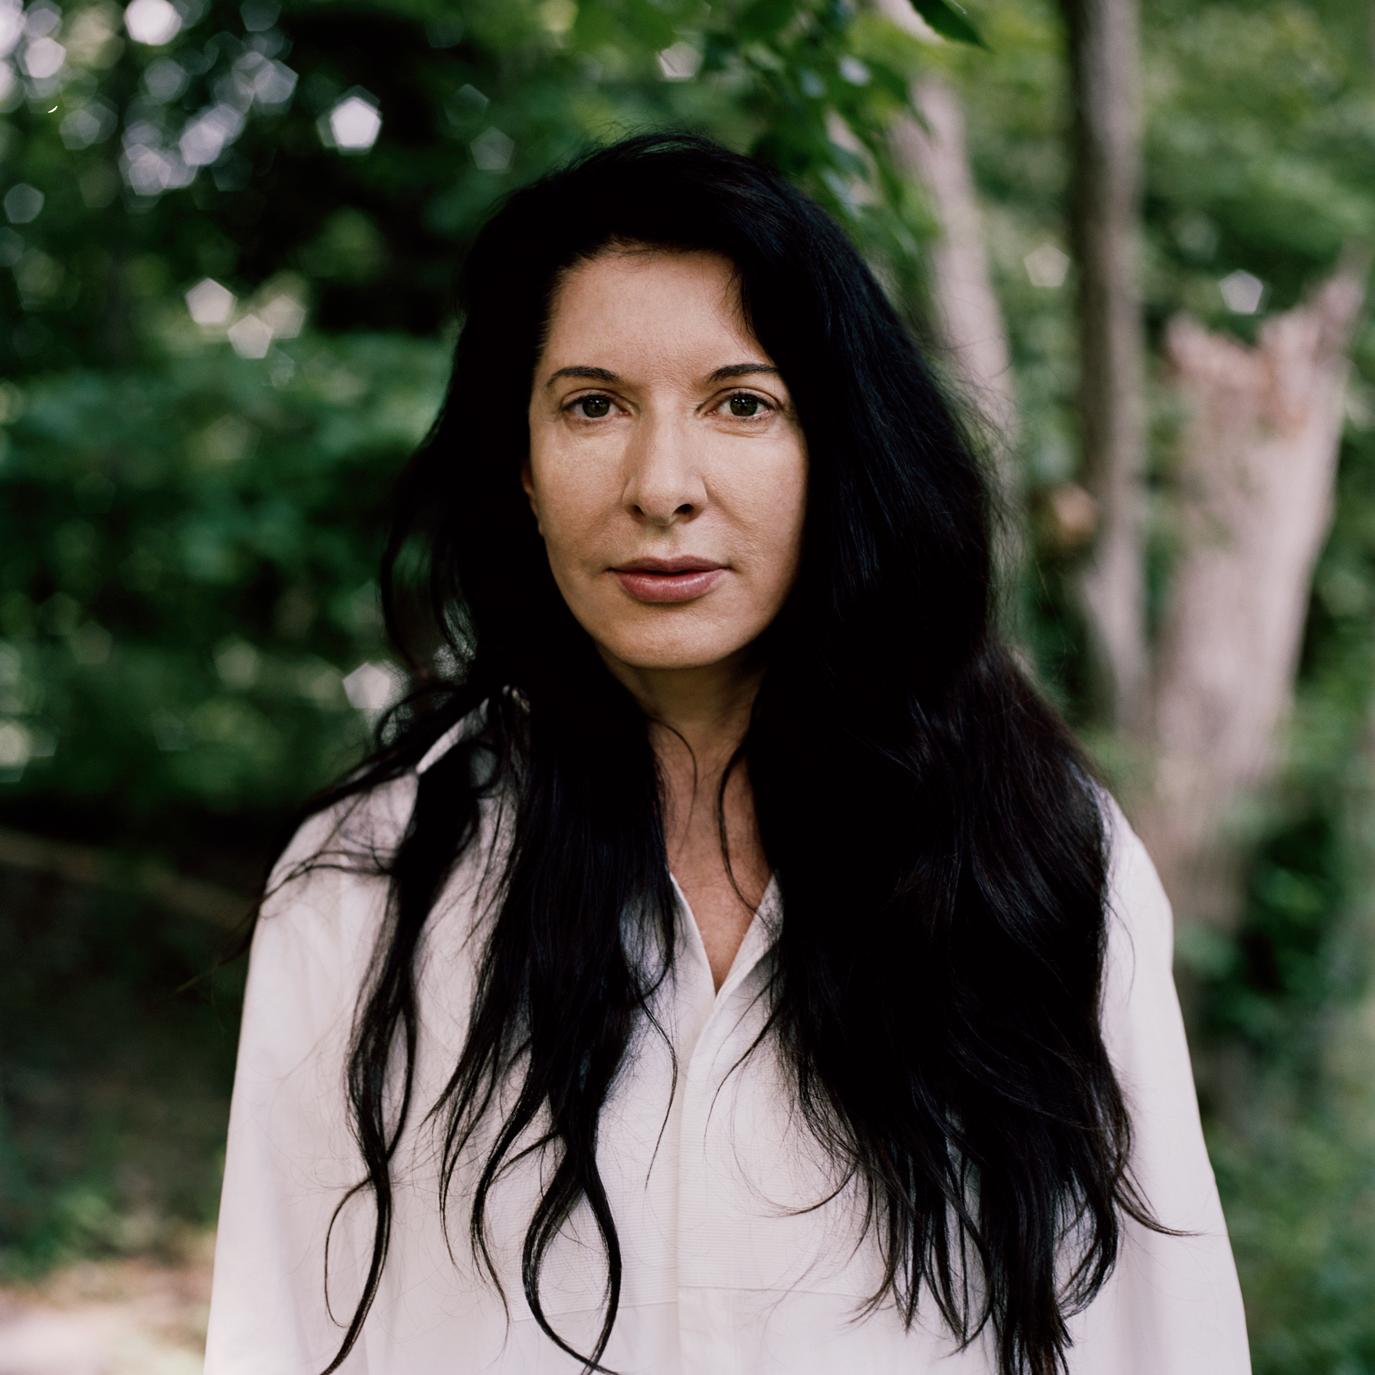 Portrait by Mark Hartman